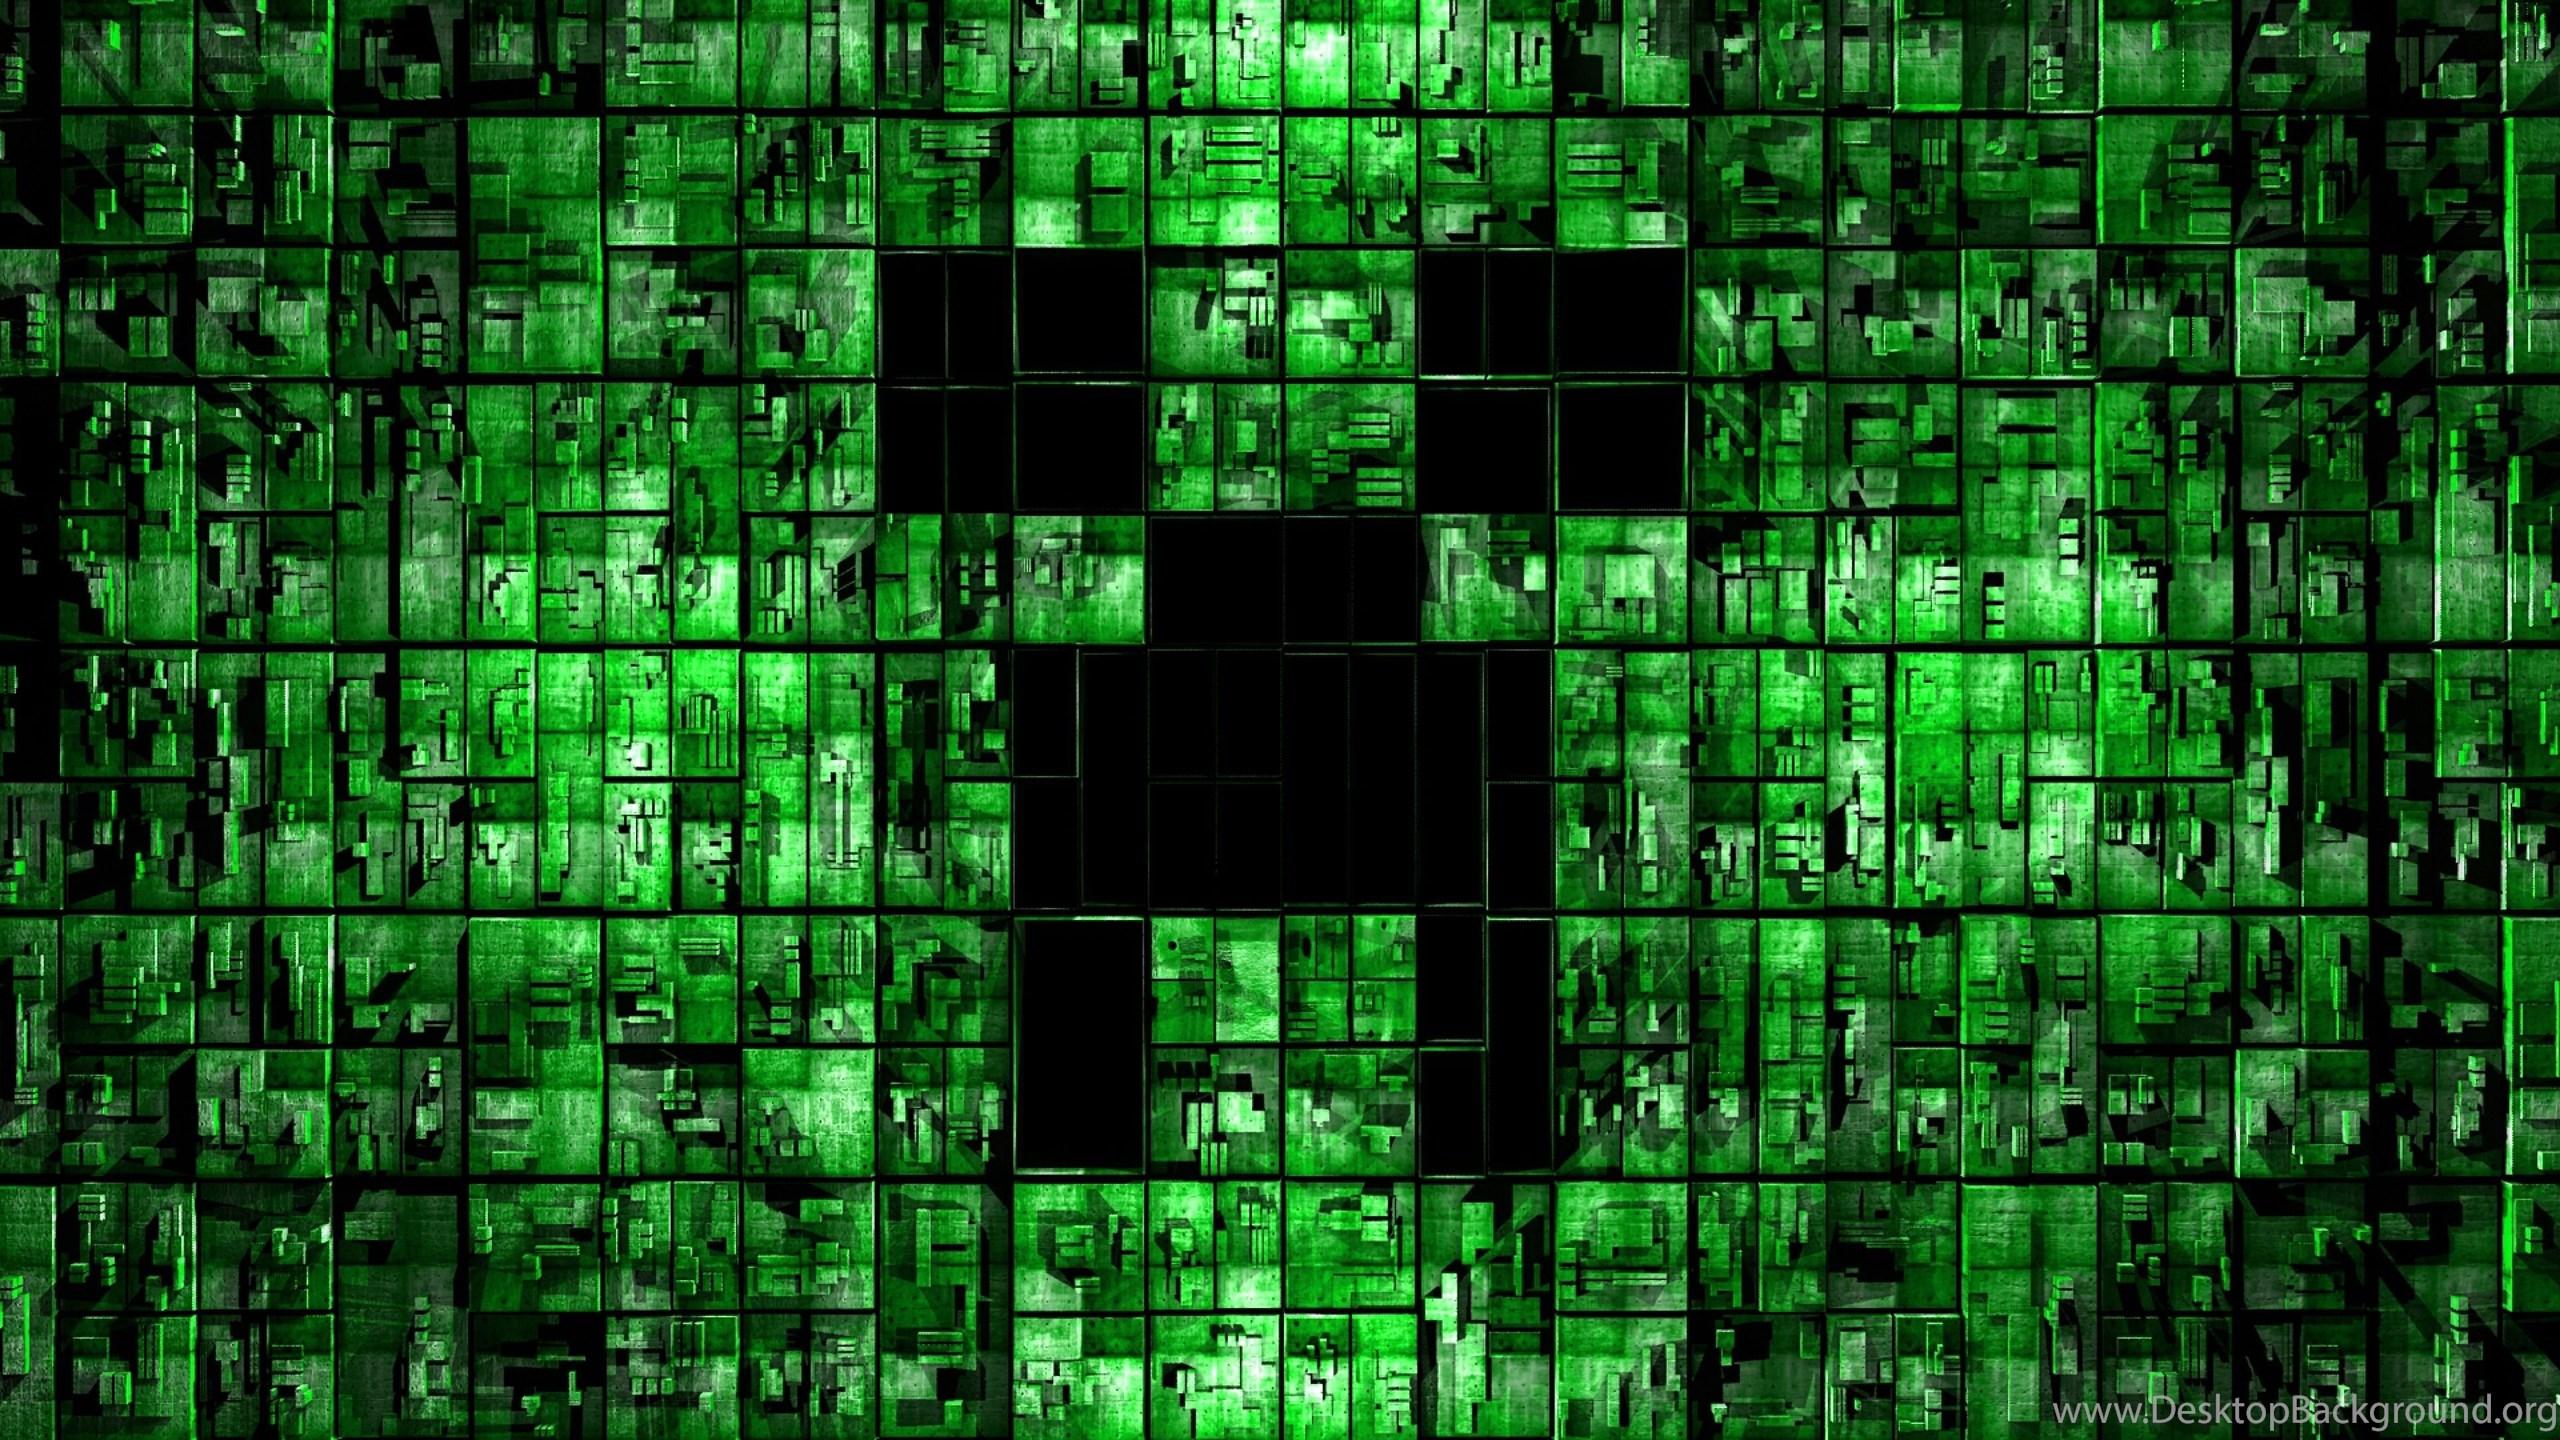 Most Inspiring Wallpaper Minecraft Iphone6 - 210_4k-ultra-hd-minecraft-wallpapers-hd-desktop-backgrounds-3840x2160_3840x2160_h  Pic_378115.jpg